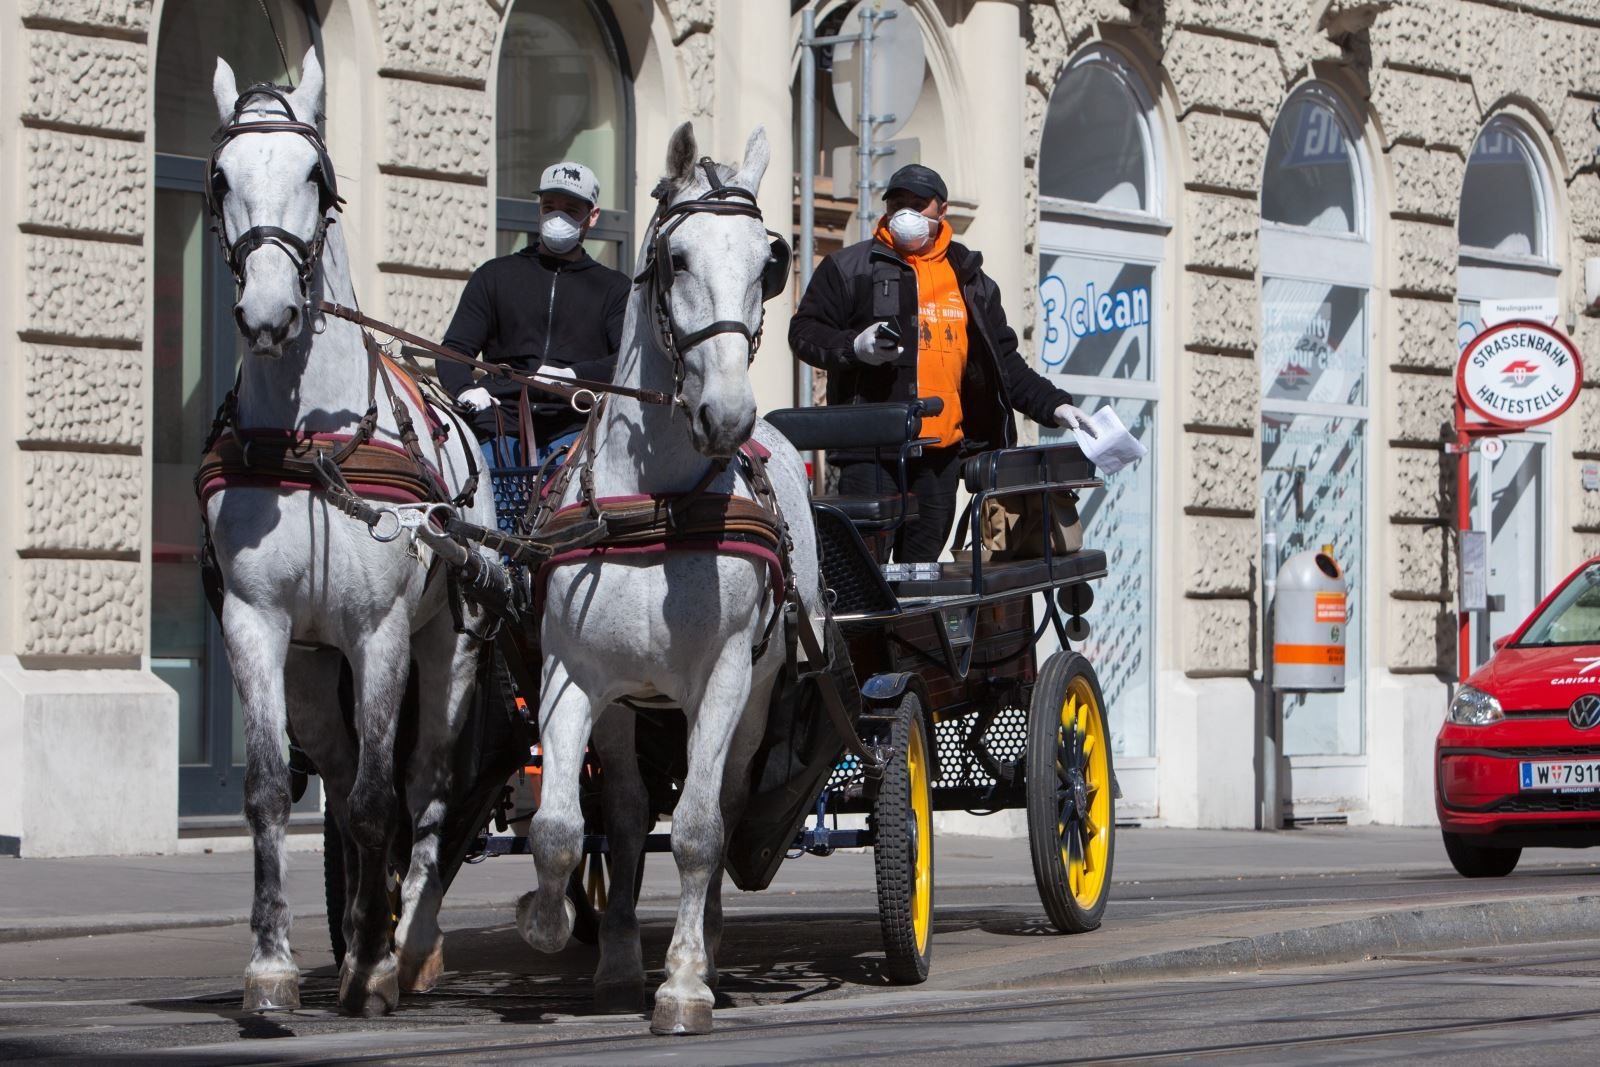 Chủ xe và xe ngựa kéo chuyển đồ ăn cho khách hàng tại Vienna, Áo giữa mùa đại dịch COVID-19. Ảnh: AFP/TTXVN